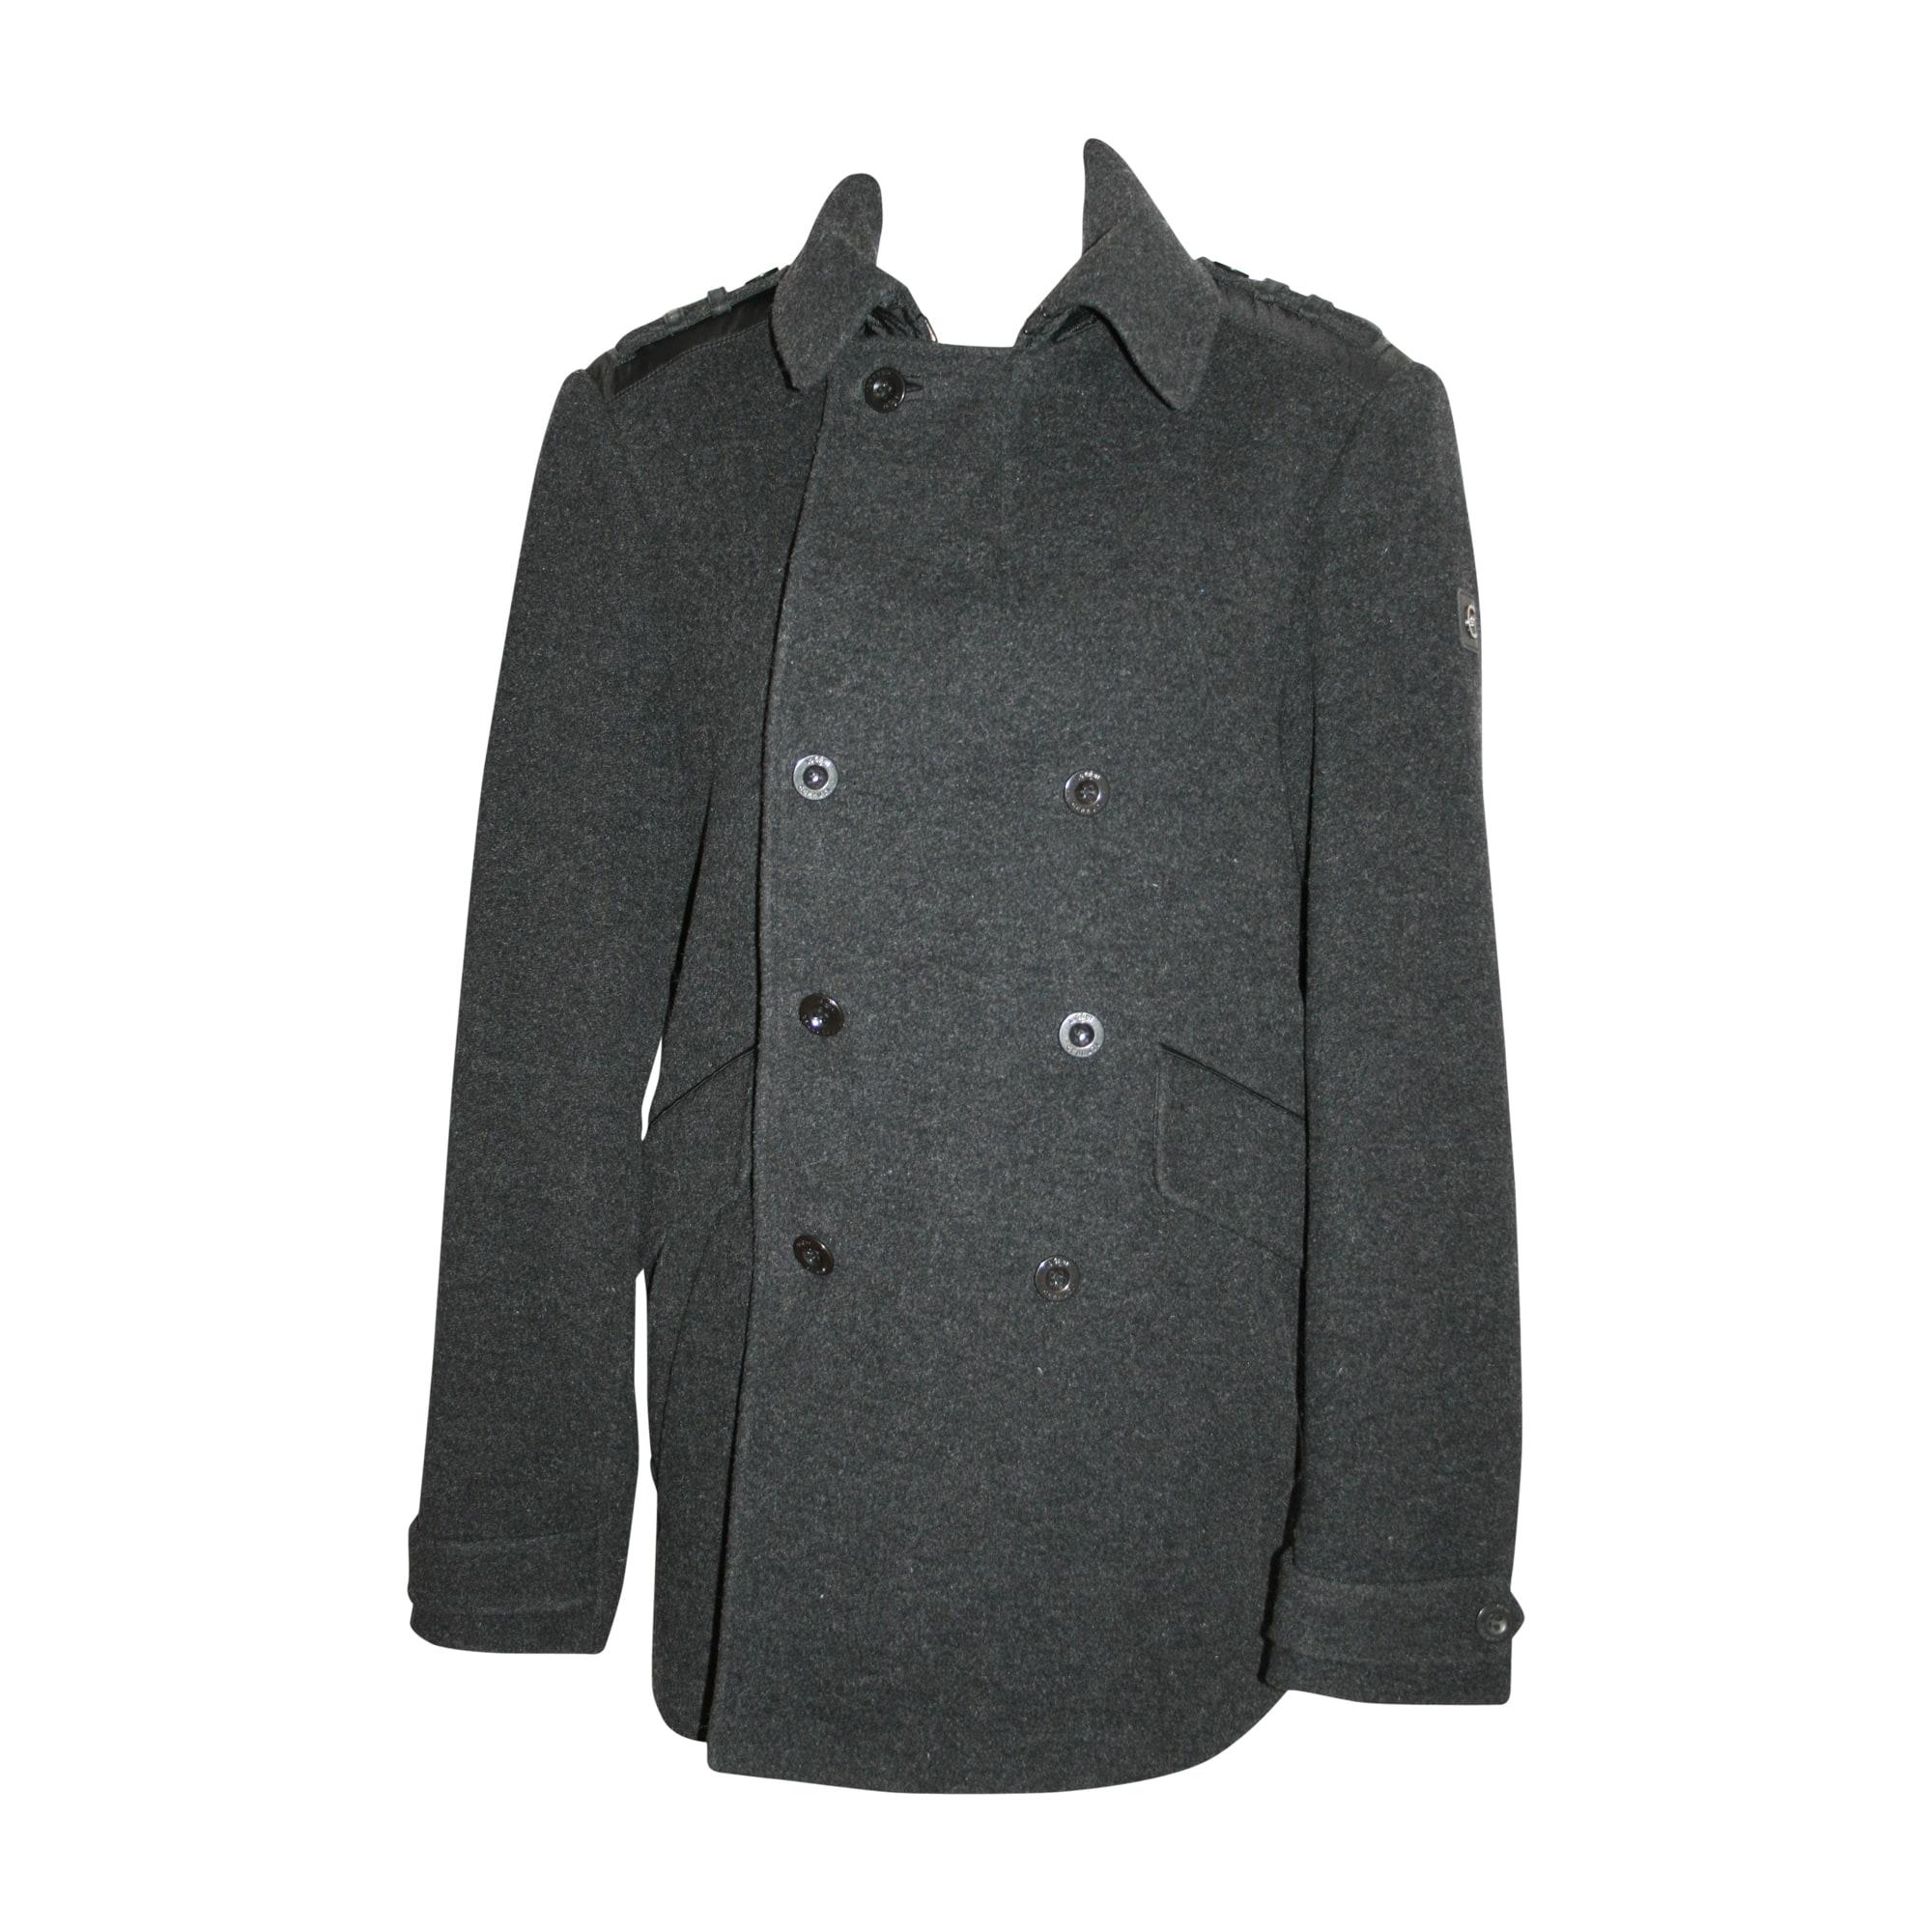 cerruti cerruti cerruti cerruti homme gris homme manteau manteau manteau homme manteau gris gris 80wPymOvNn